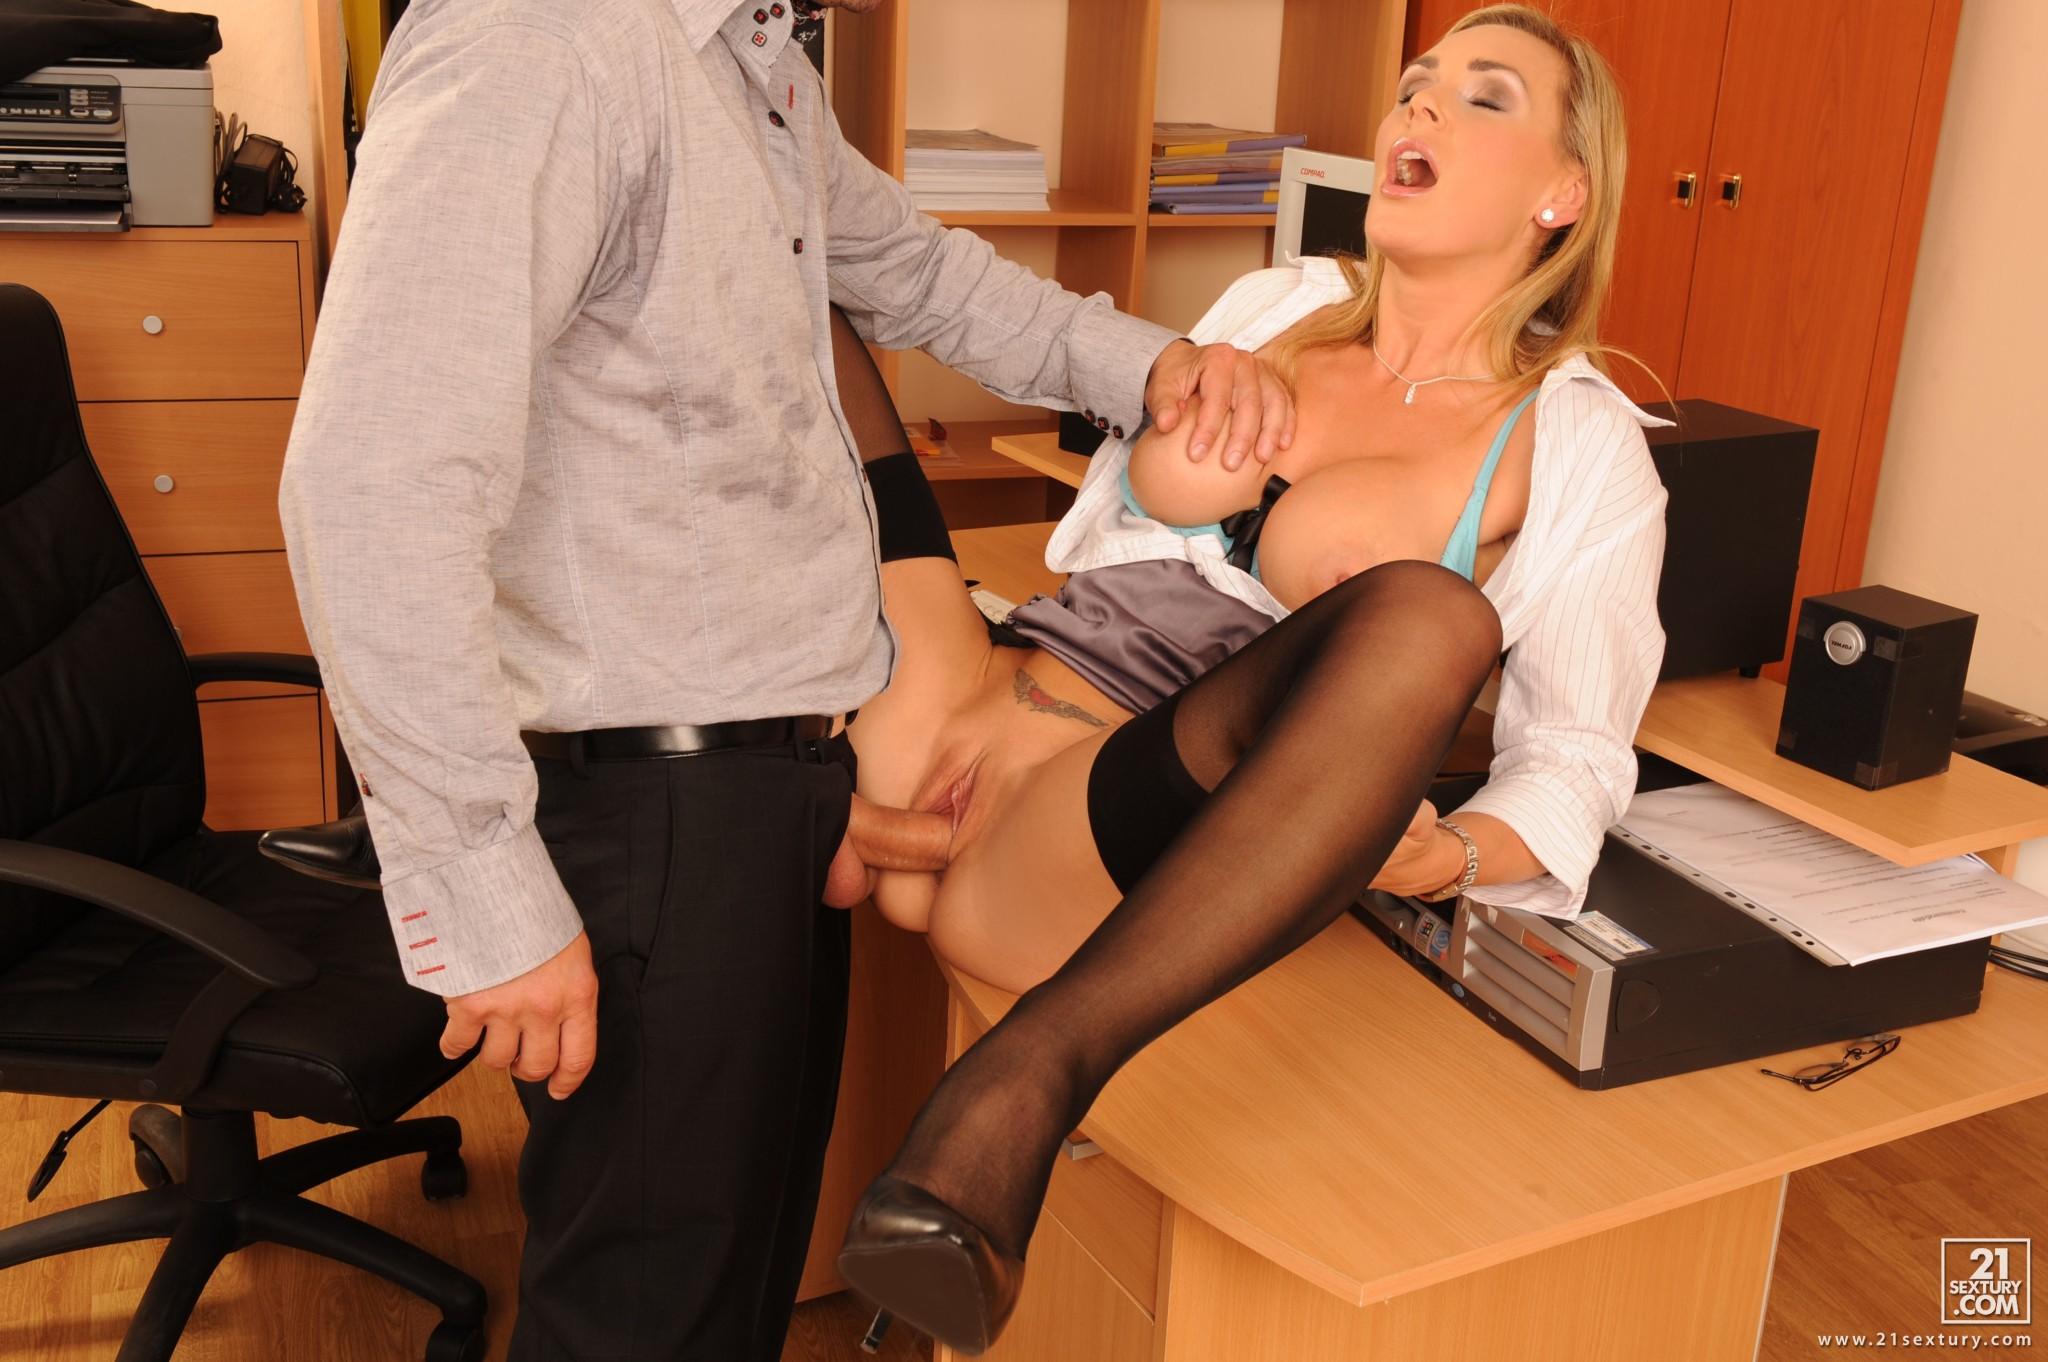 Программист в офисе сидел дрочил на порнуху и трахнул начальницу